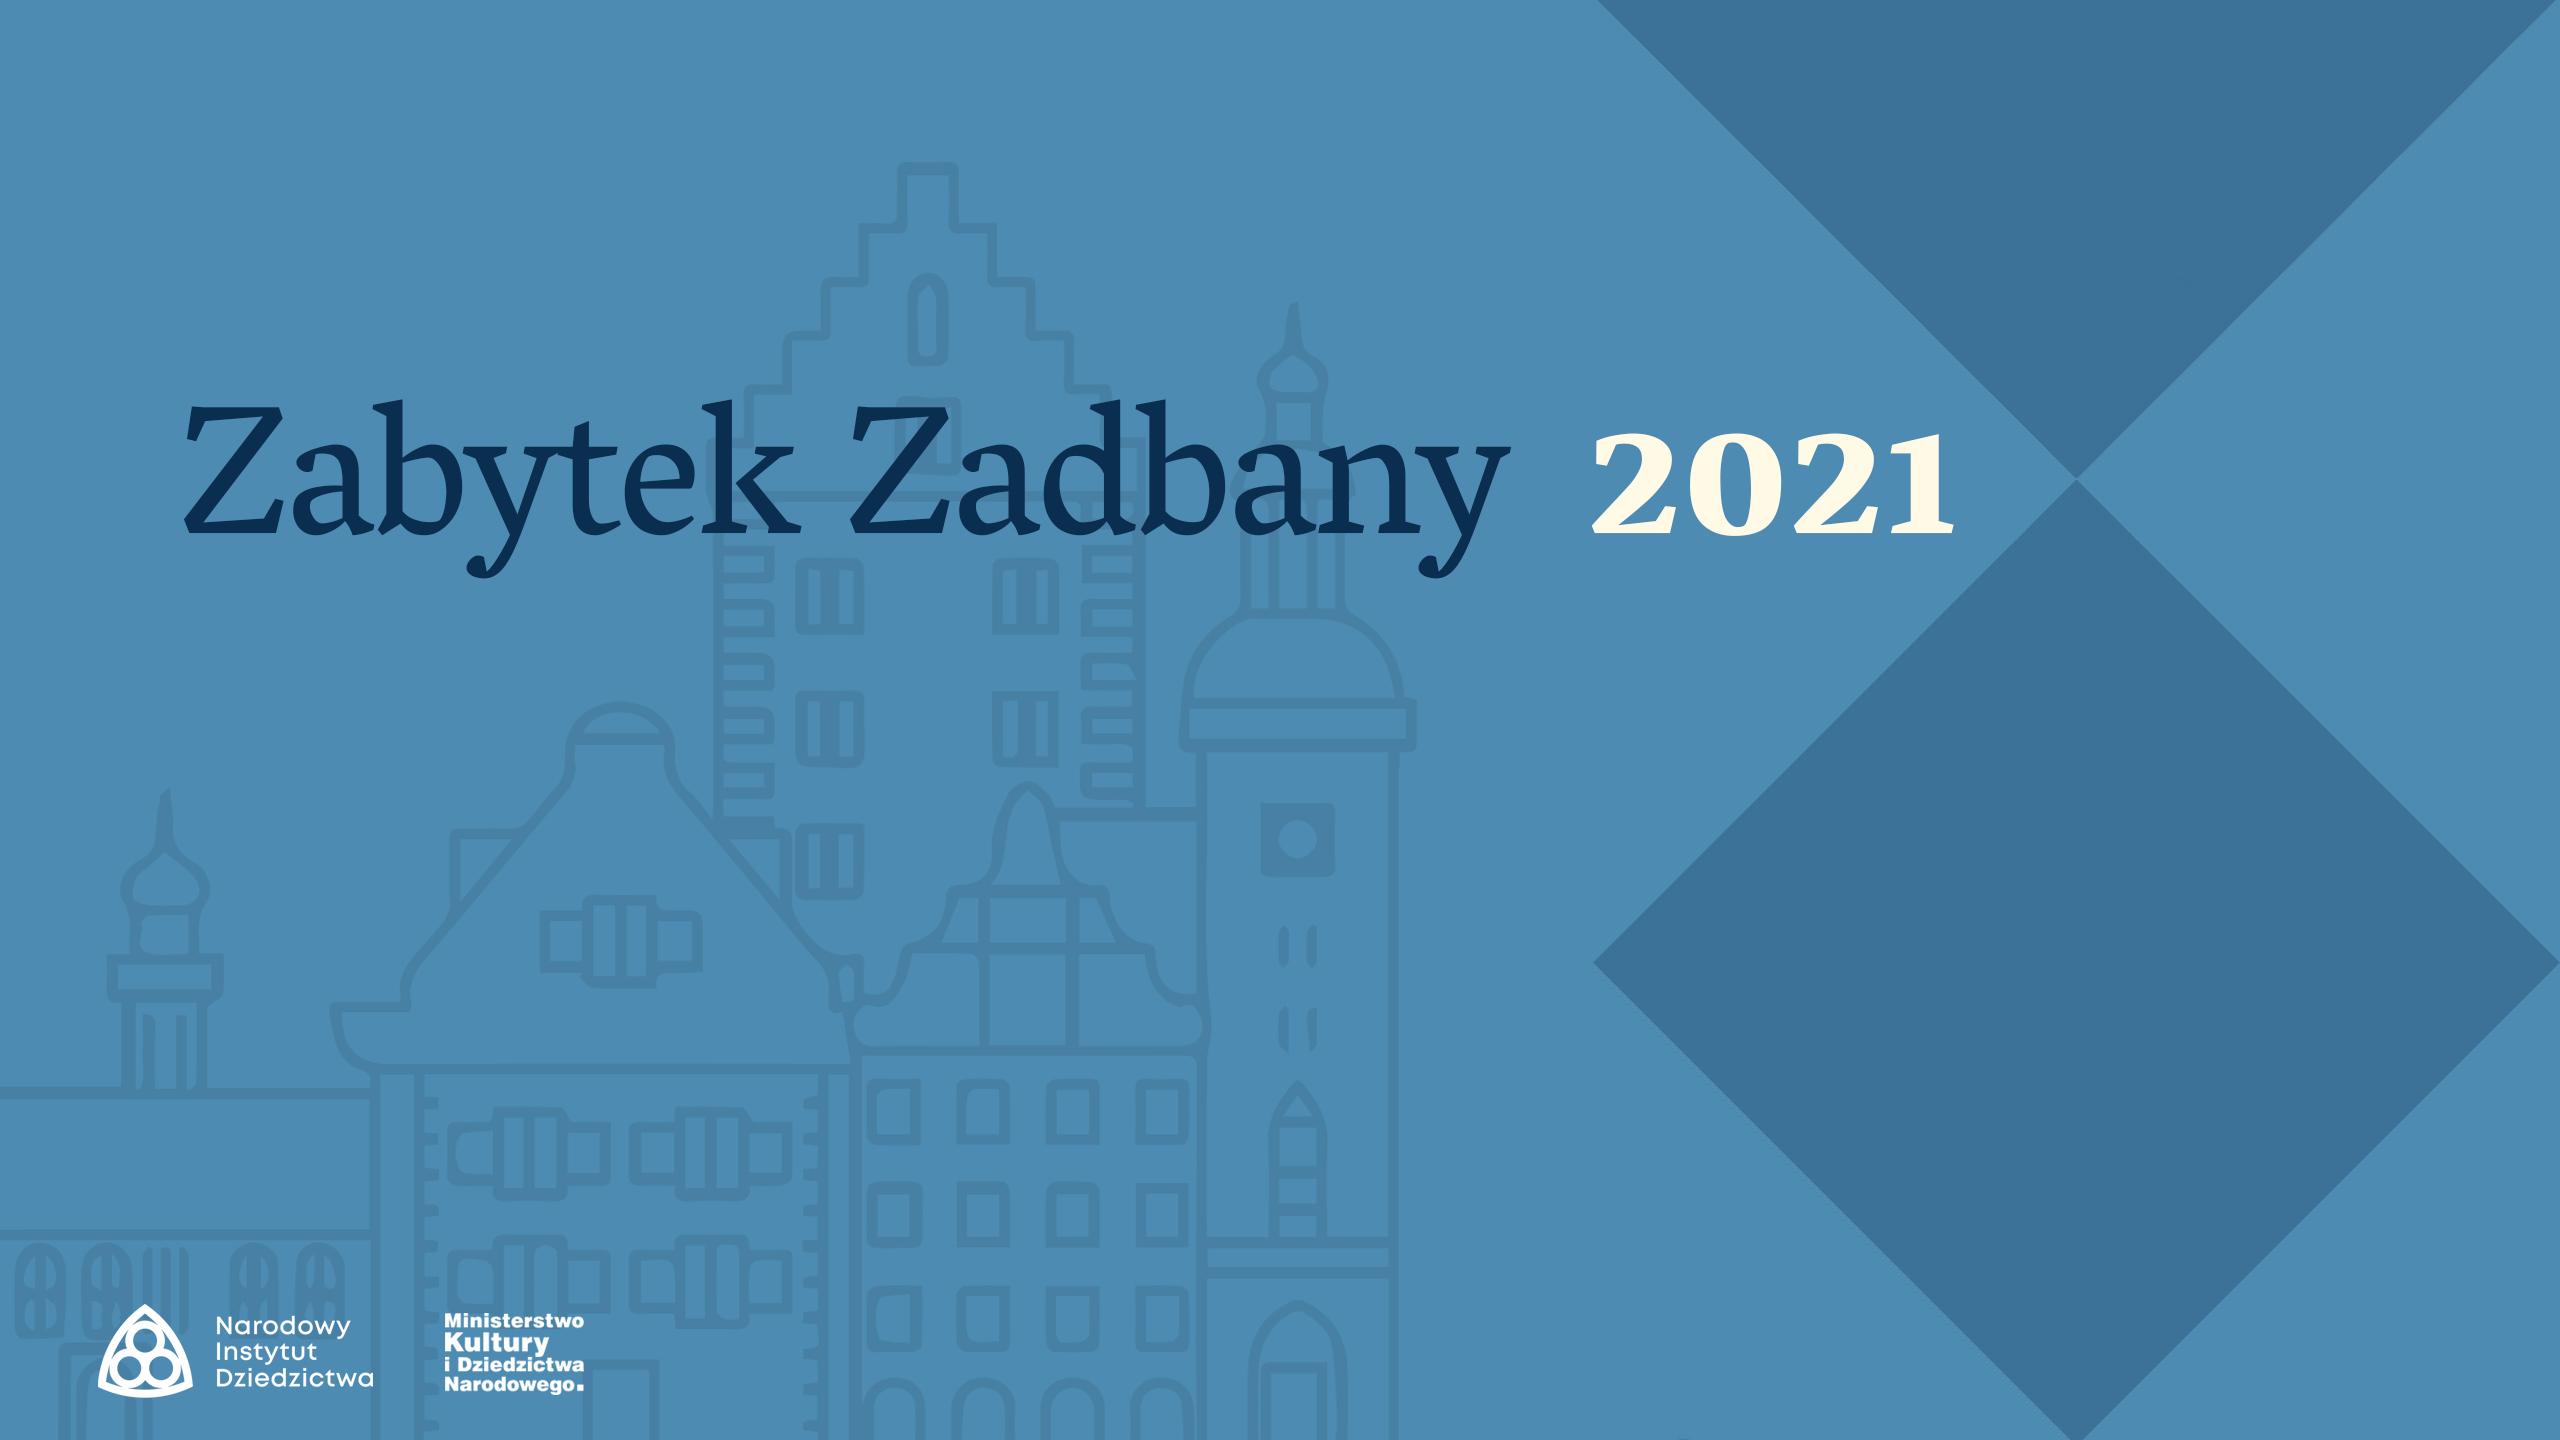 Zabytek Zadbany 2021